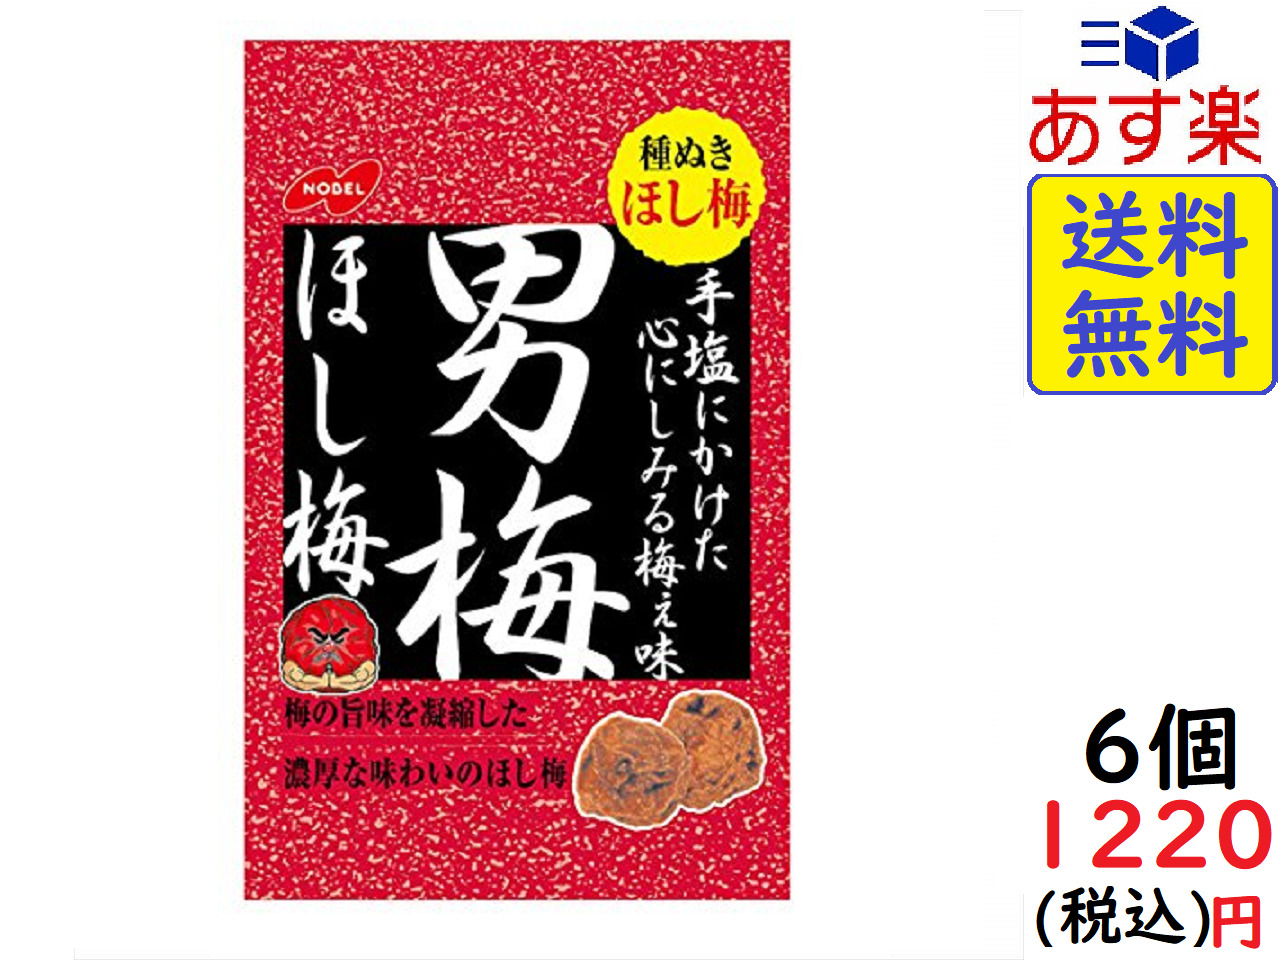 送料無料 本店 蔵 あす楽対応 ポスト投函 ノーベル ほし梅 05 20g×6個賞味期限2022 男梅